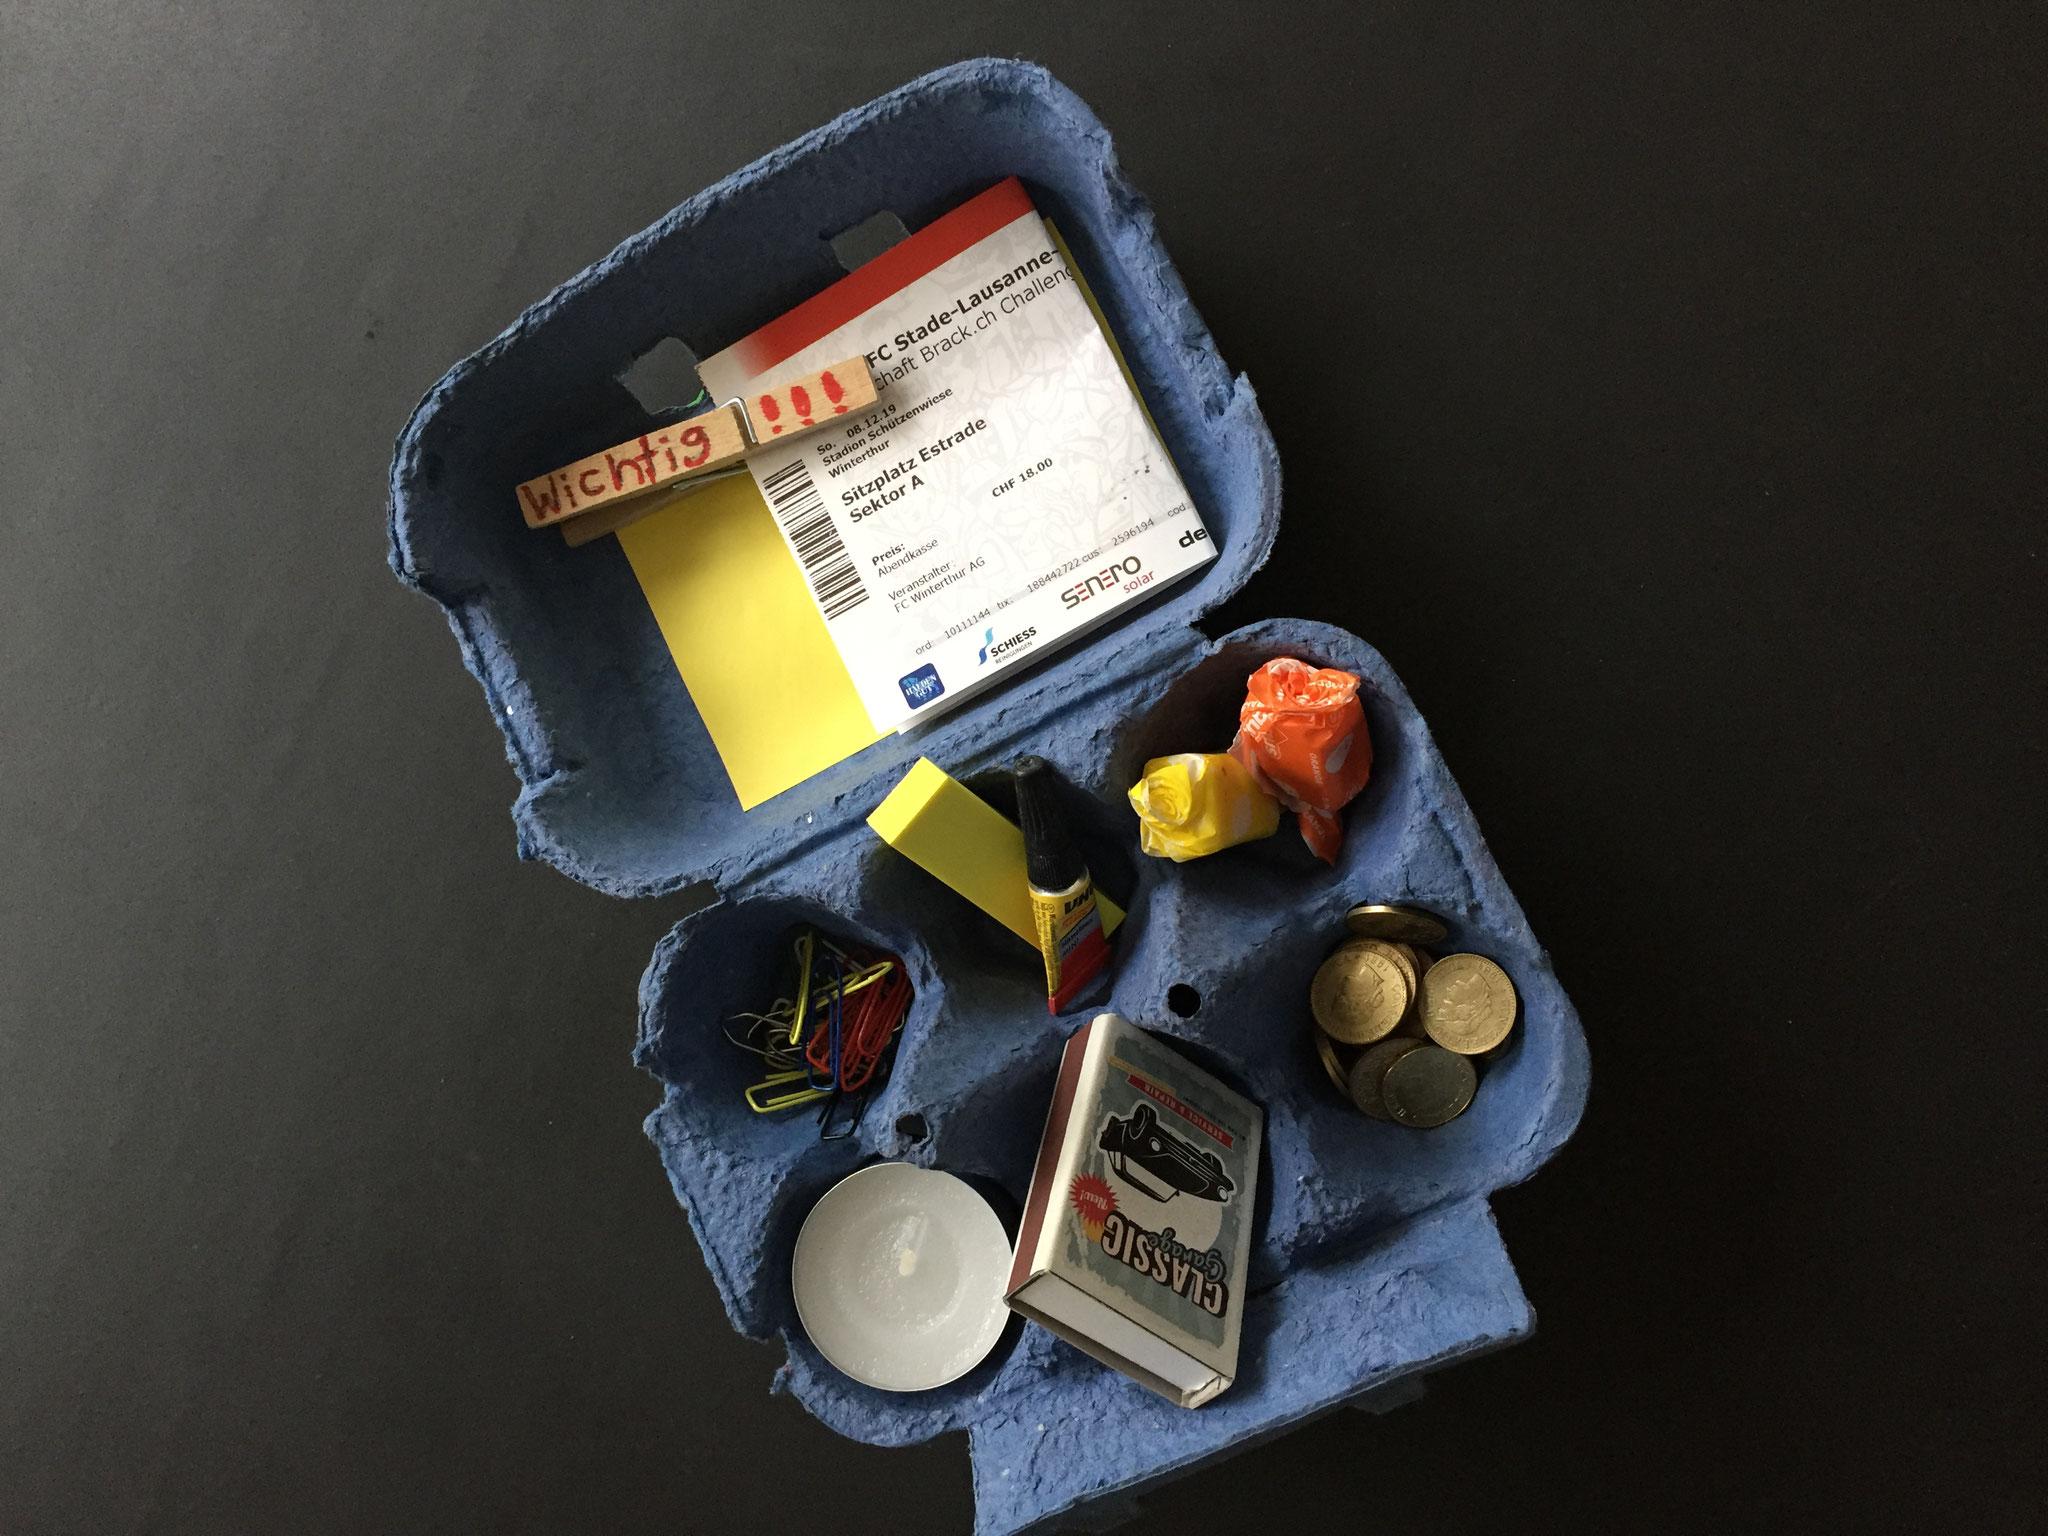 Jetzt ist die Box fertig und du kannst kleine Dinge rein füllen.